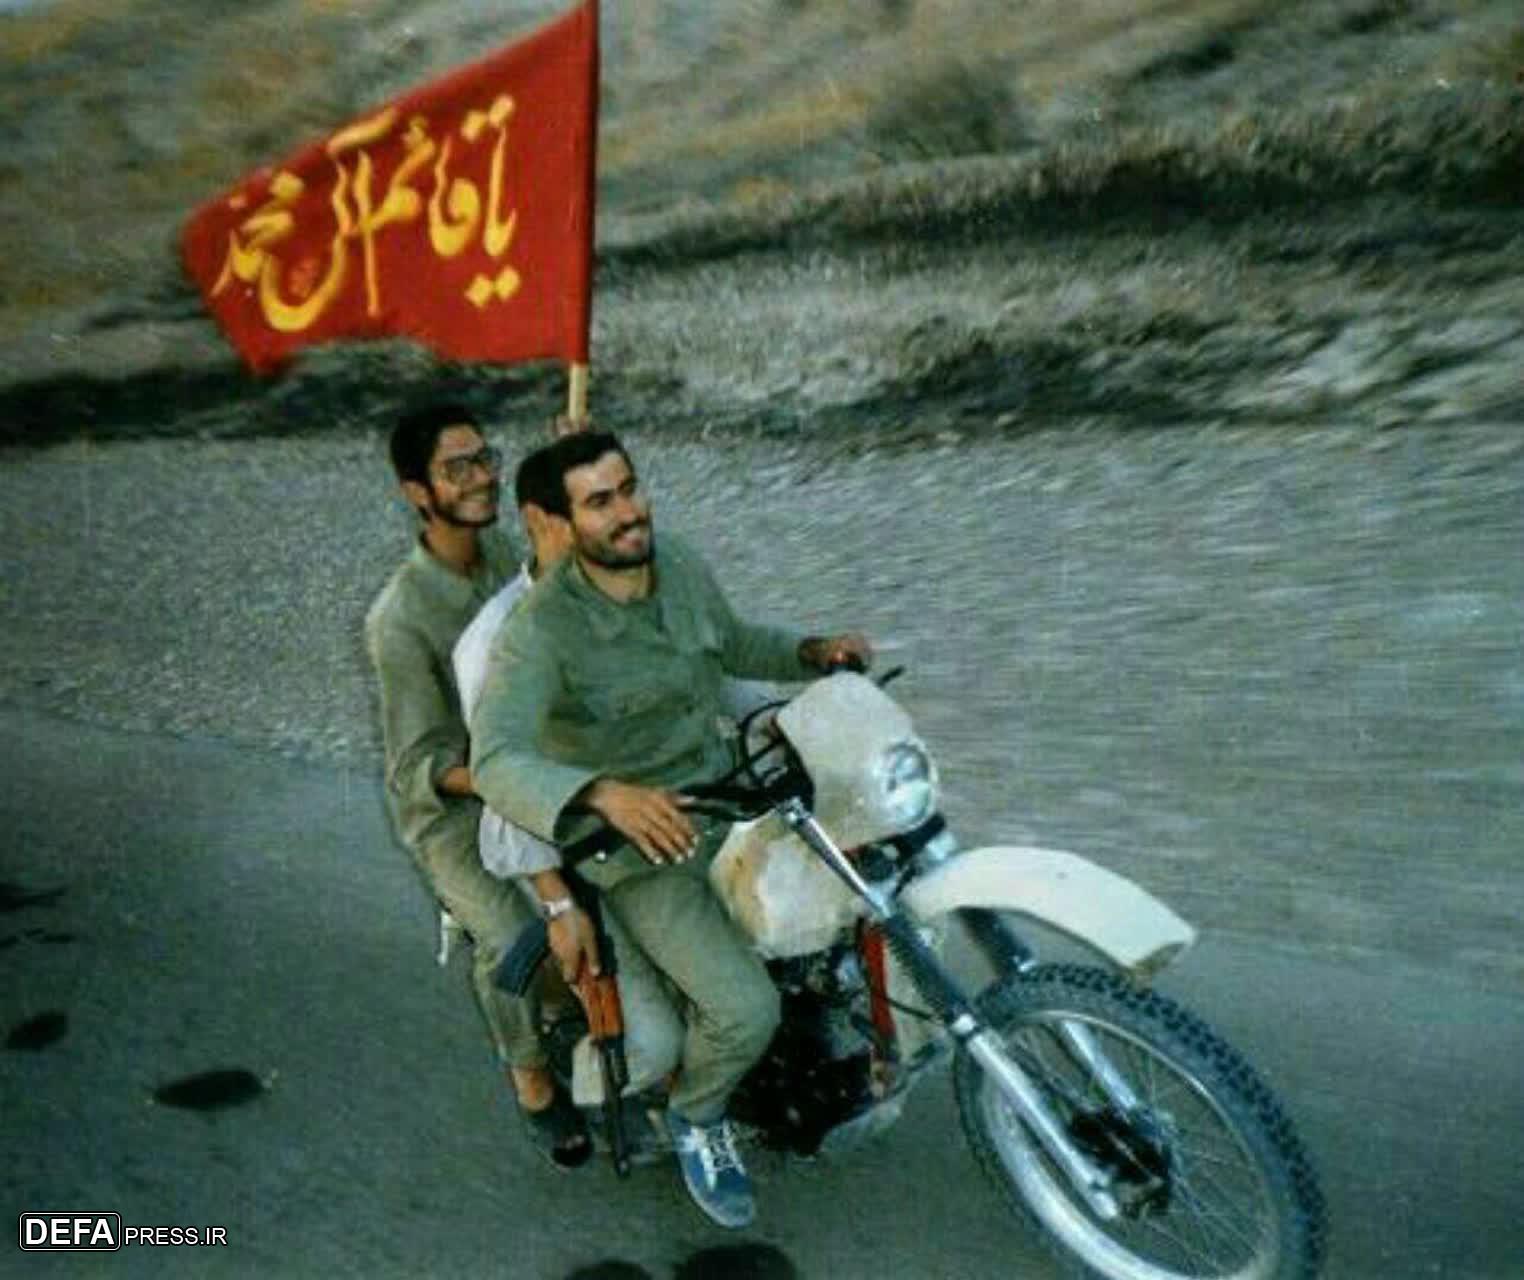 عکس / سه شهید در یک عکس